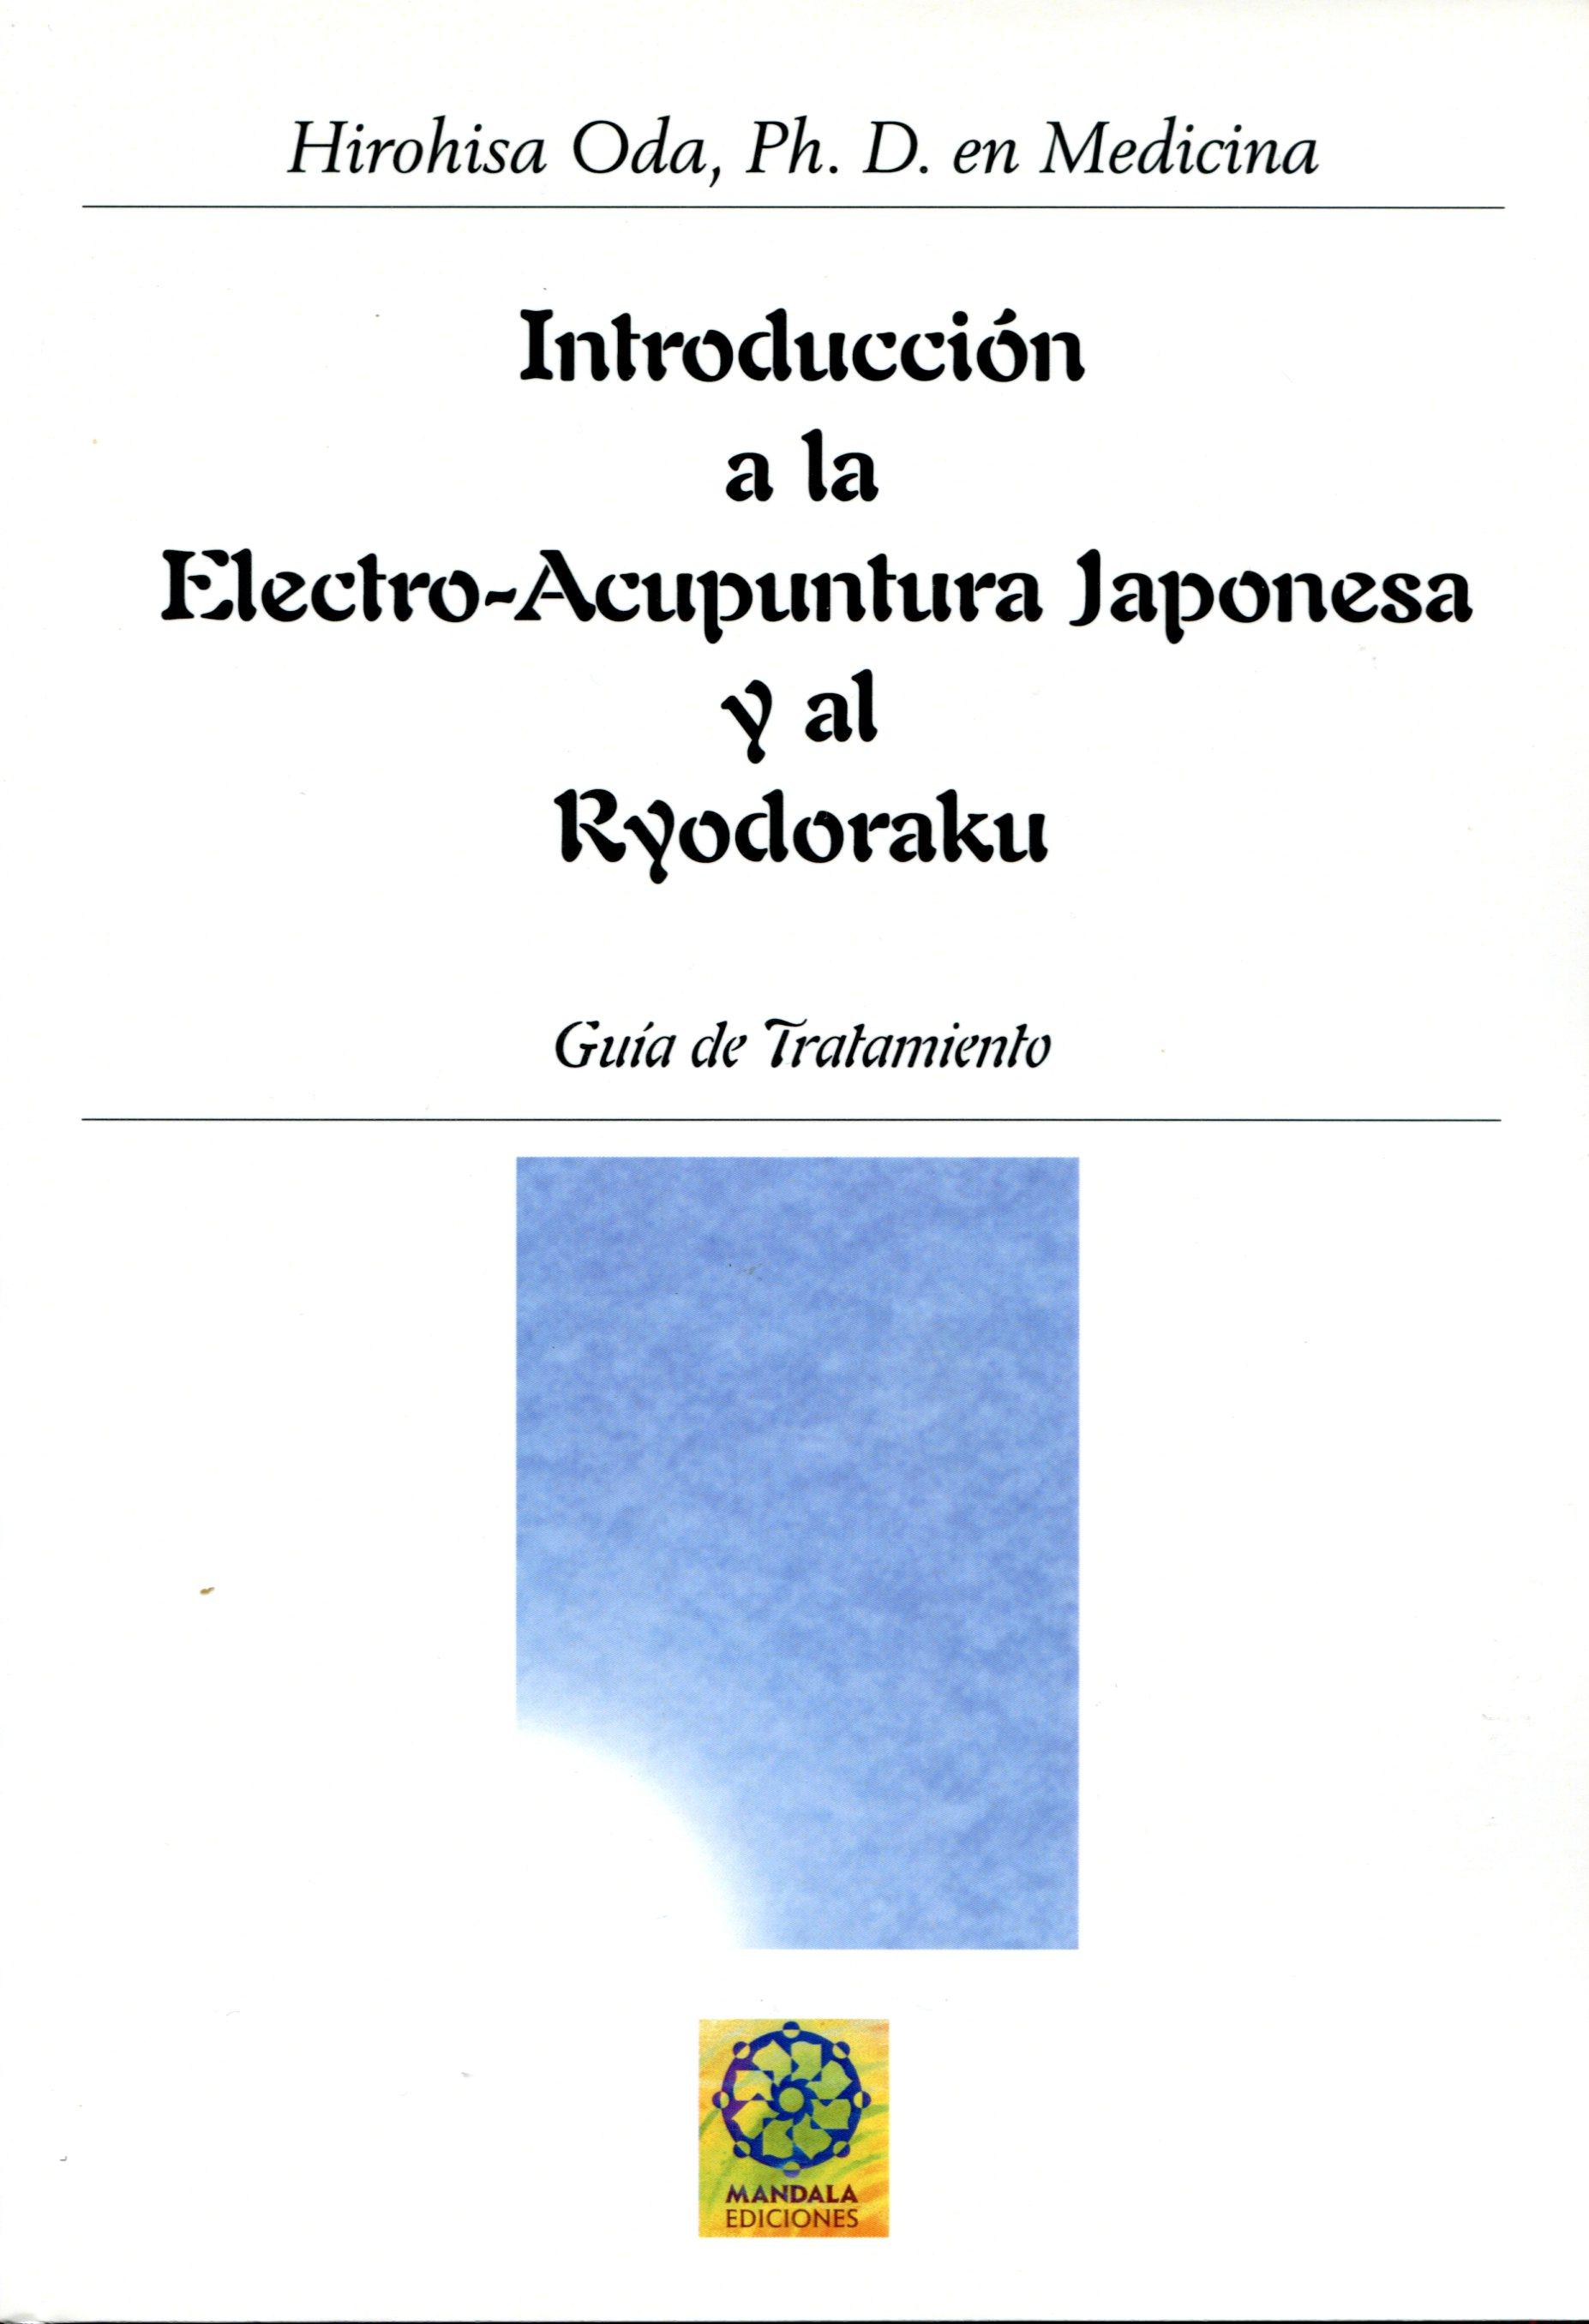 INTRODUCCION A LA ELECTRO - ACUPUNTURA JAPONESA Y AL RYODORAKU : GUIA DE TRATAMIENTO